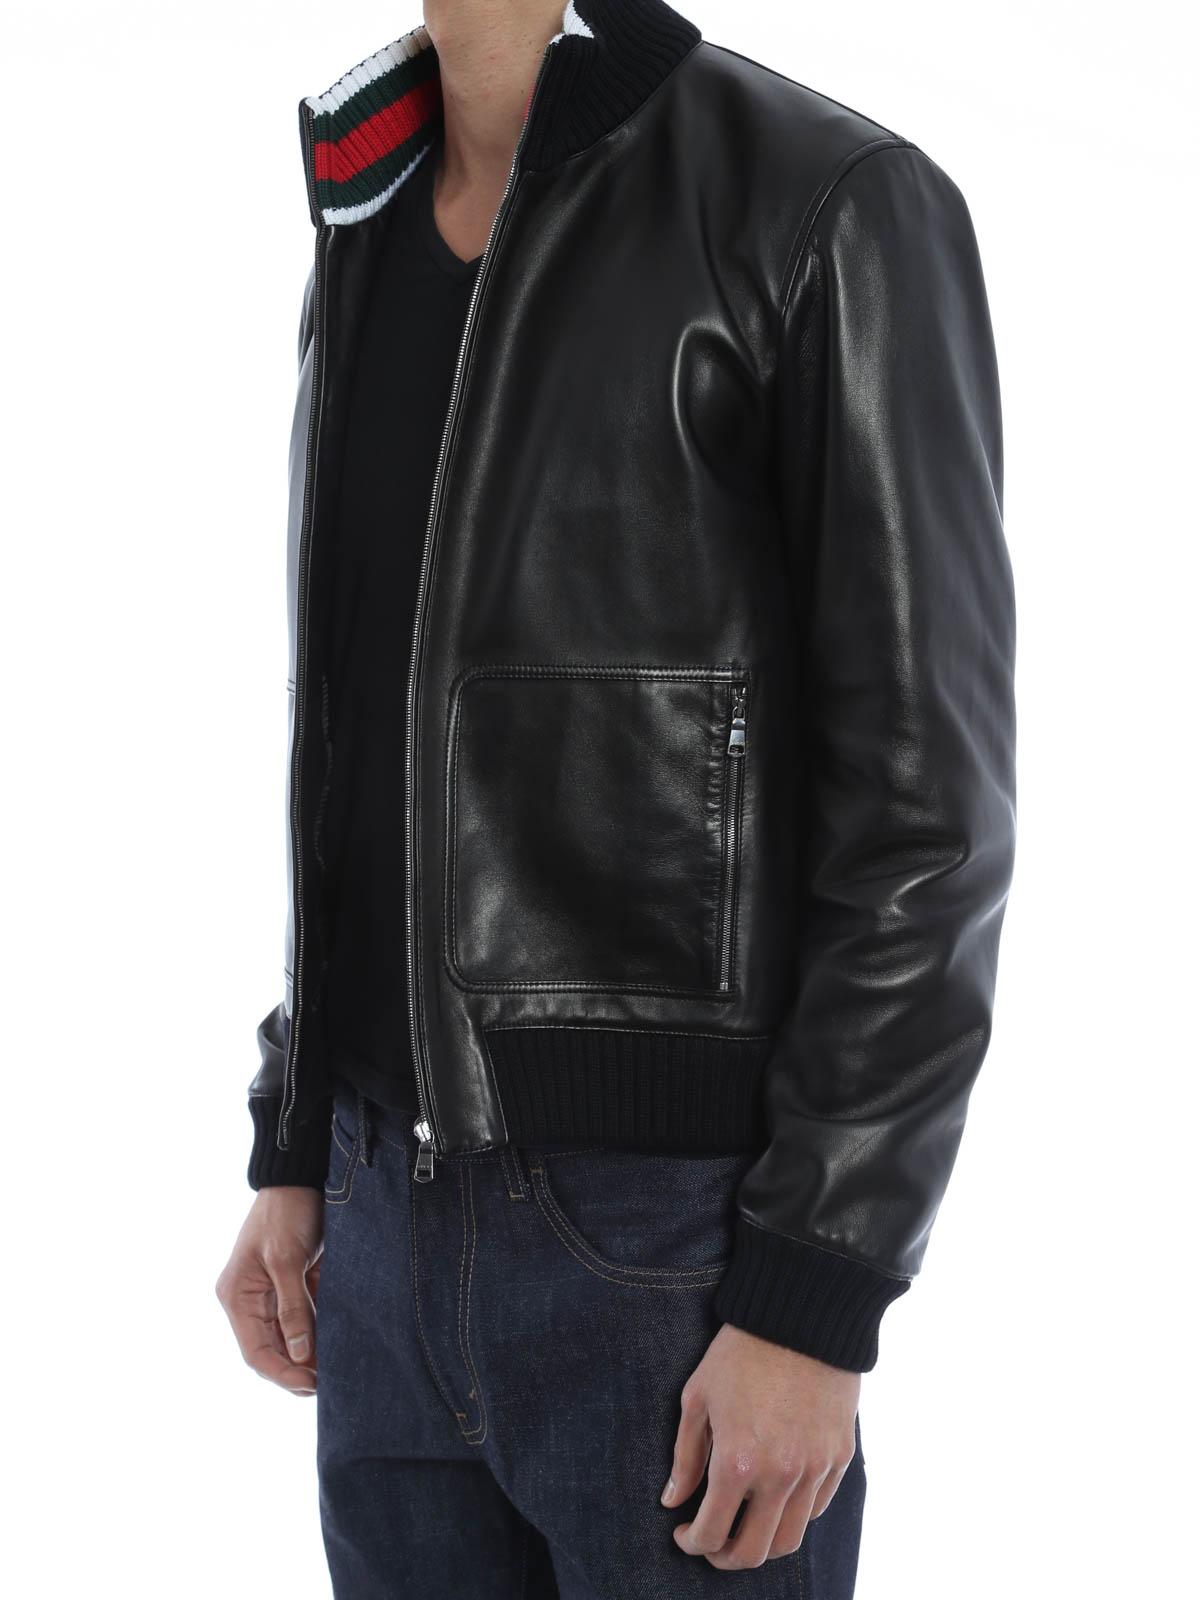 Soft Leather Bomber Jacket - JacketIn